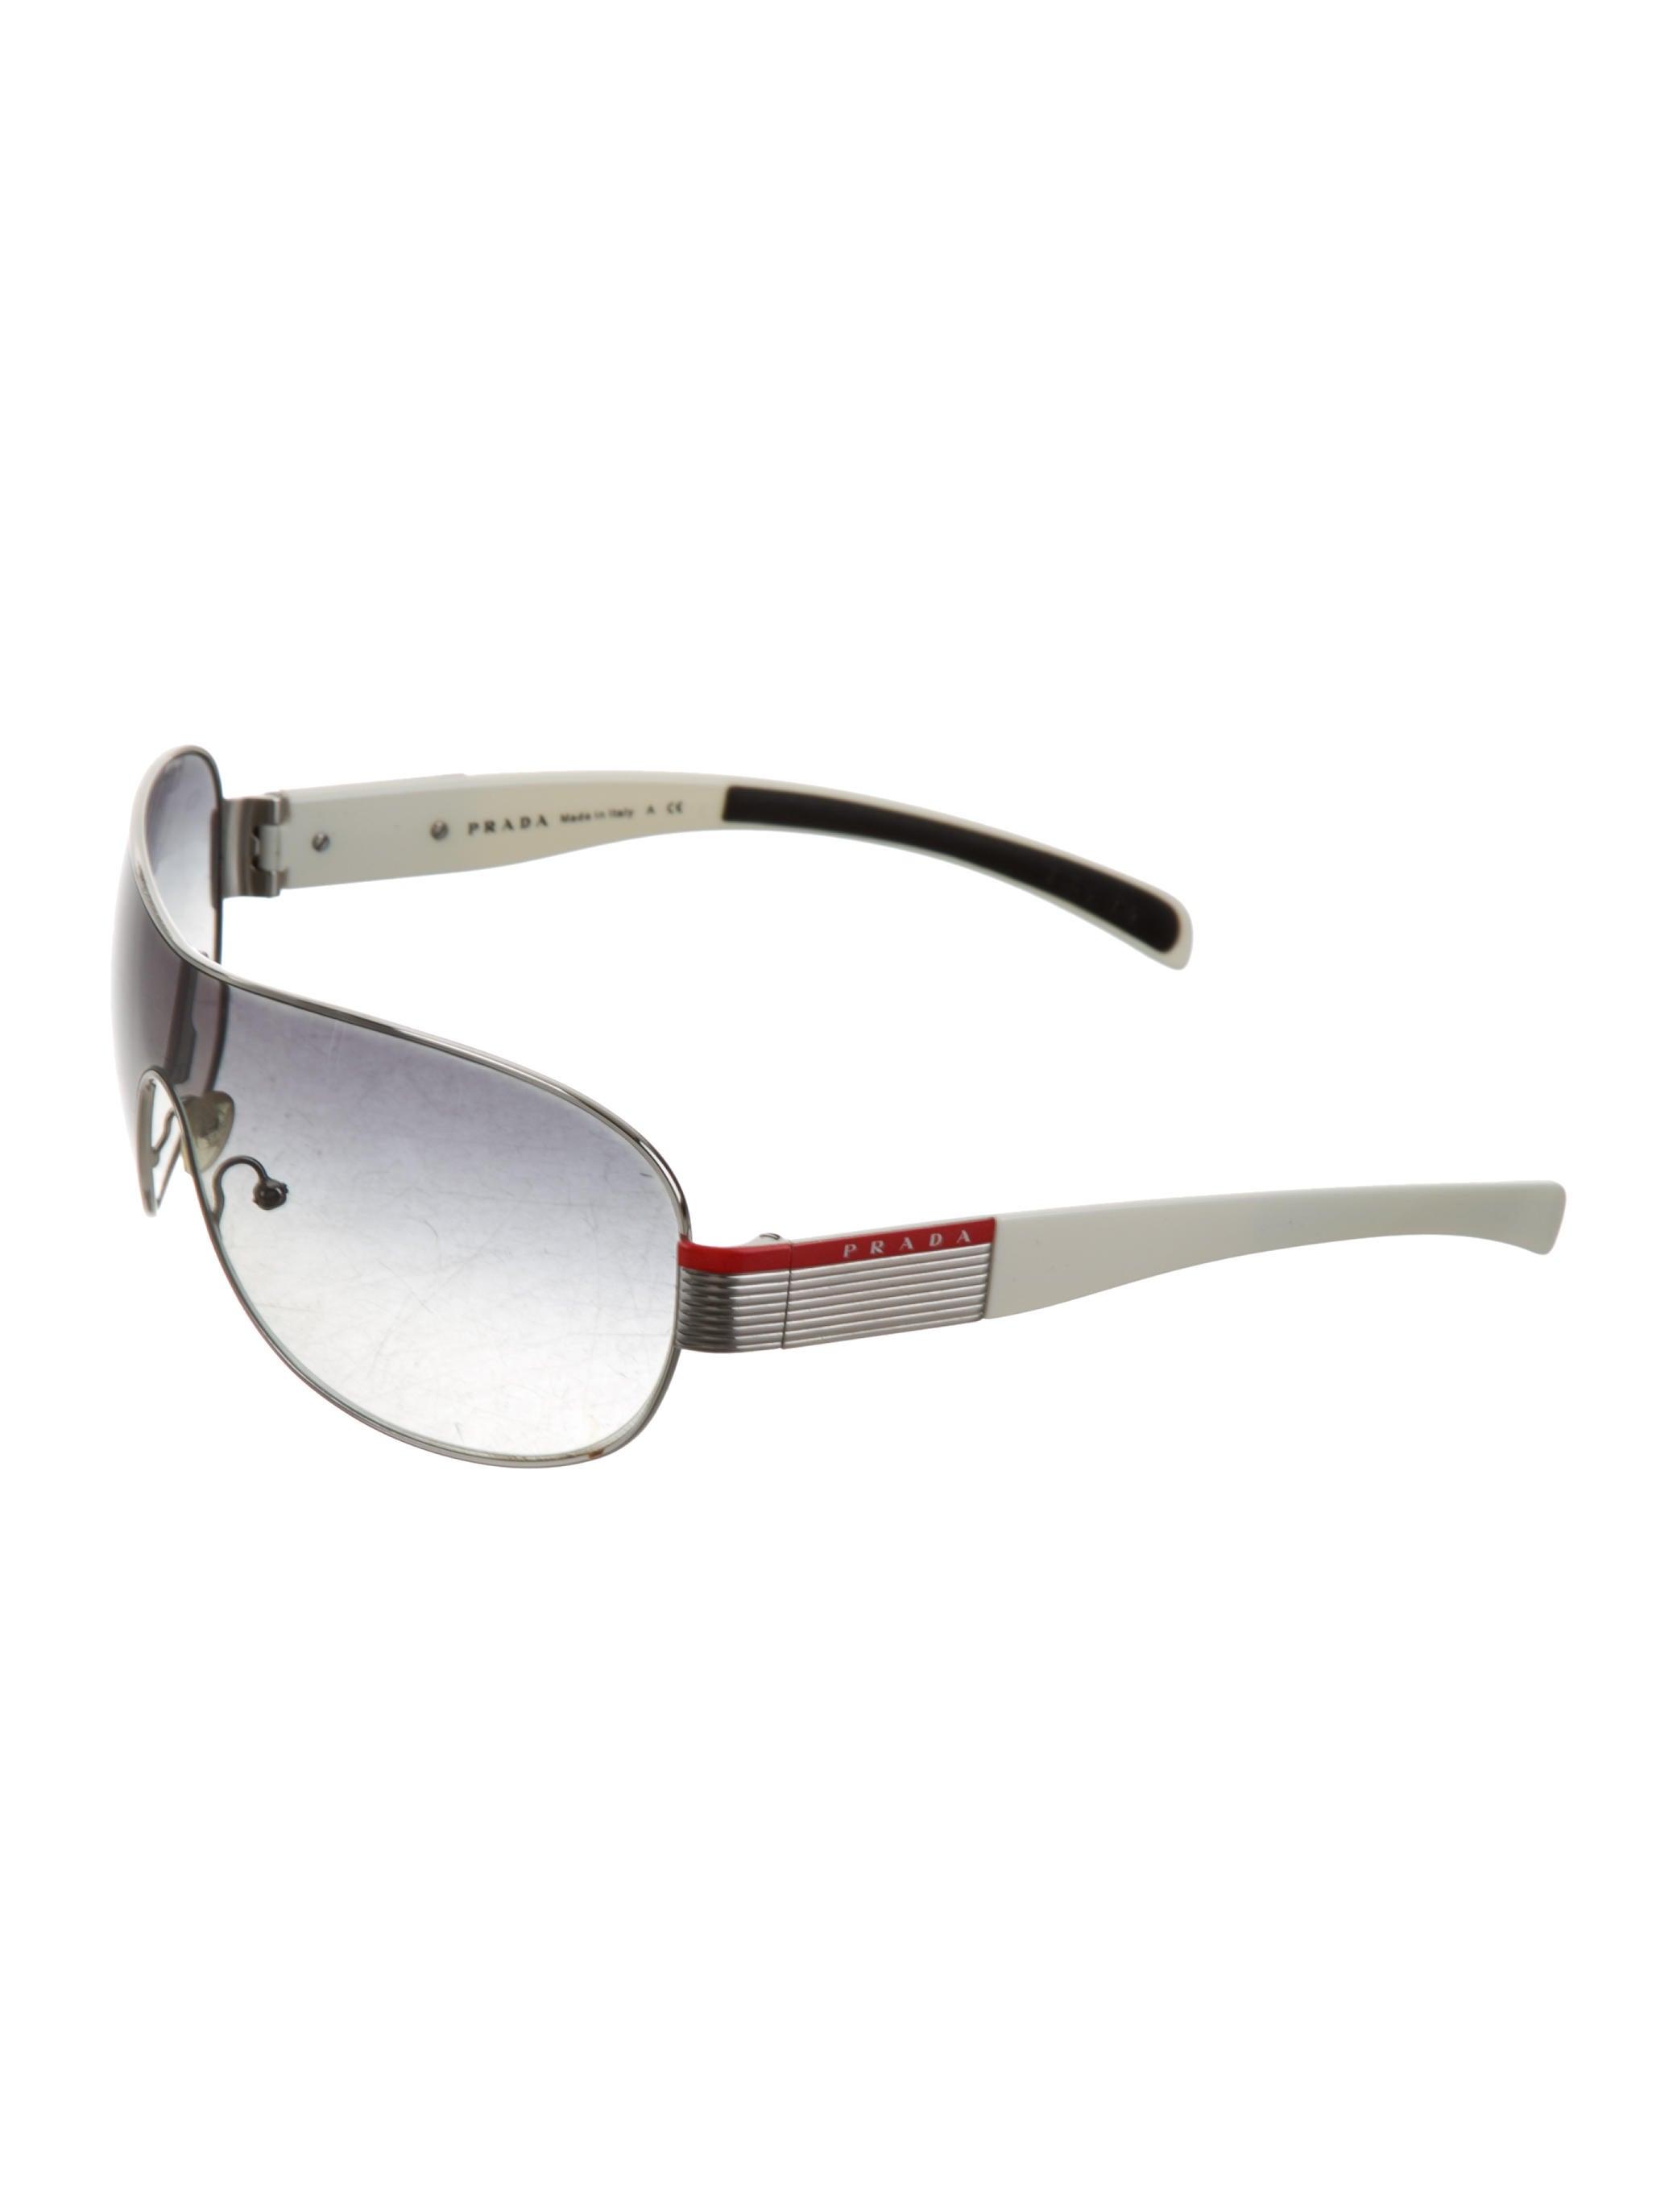 0ab307a2a95 Prada Sport Shield Sunglasses